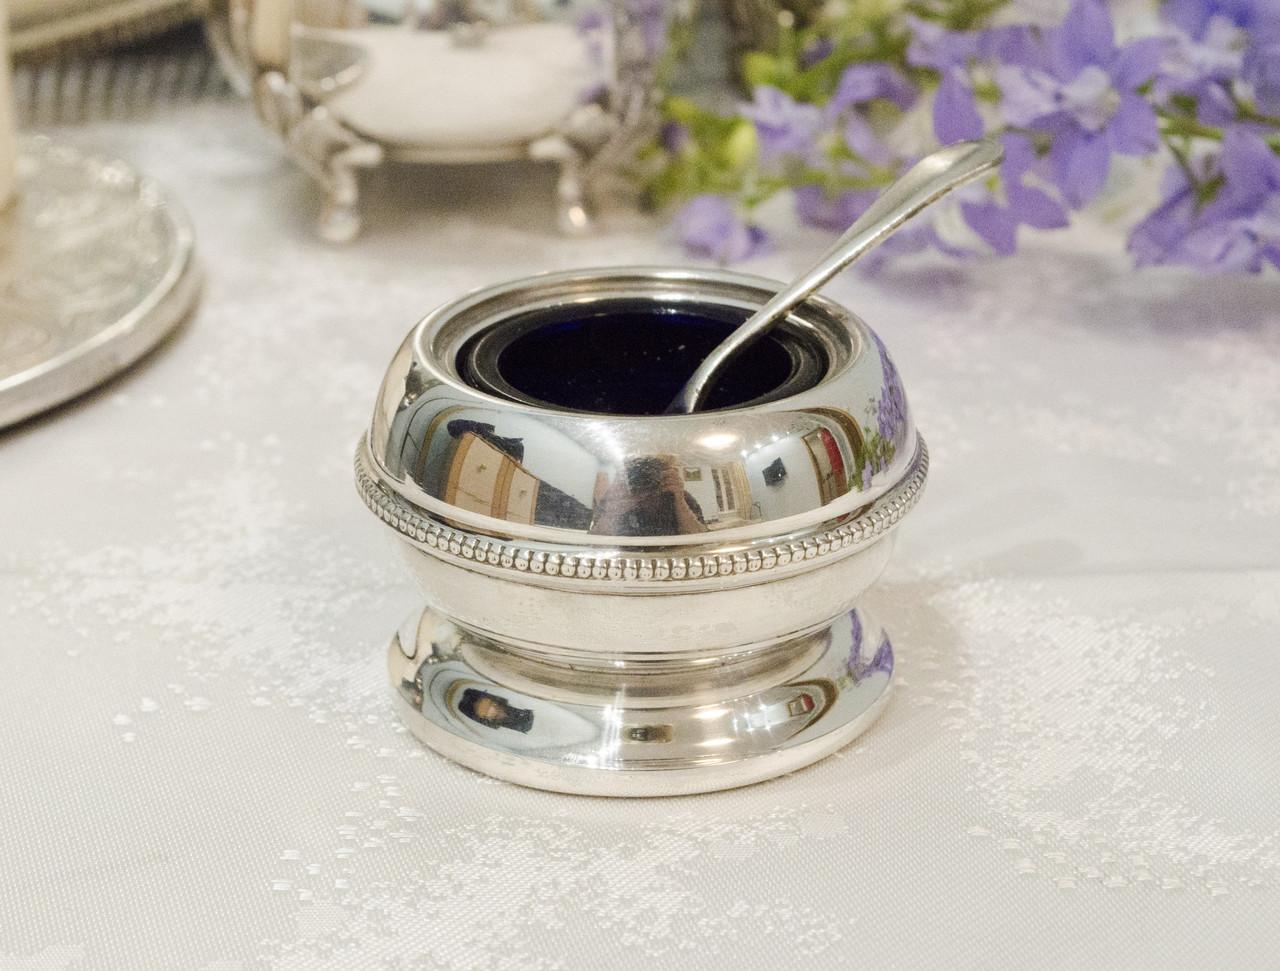 Посеребренная горчичница со стеклянным вкладышем и ложечкой, серебрение, Англия